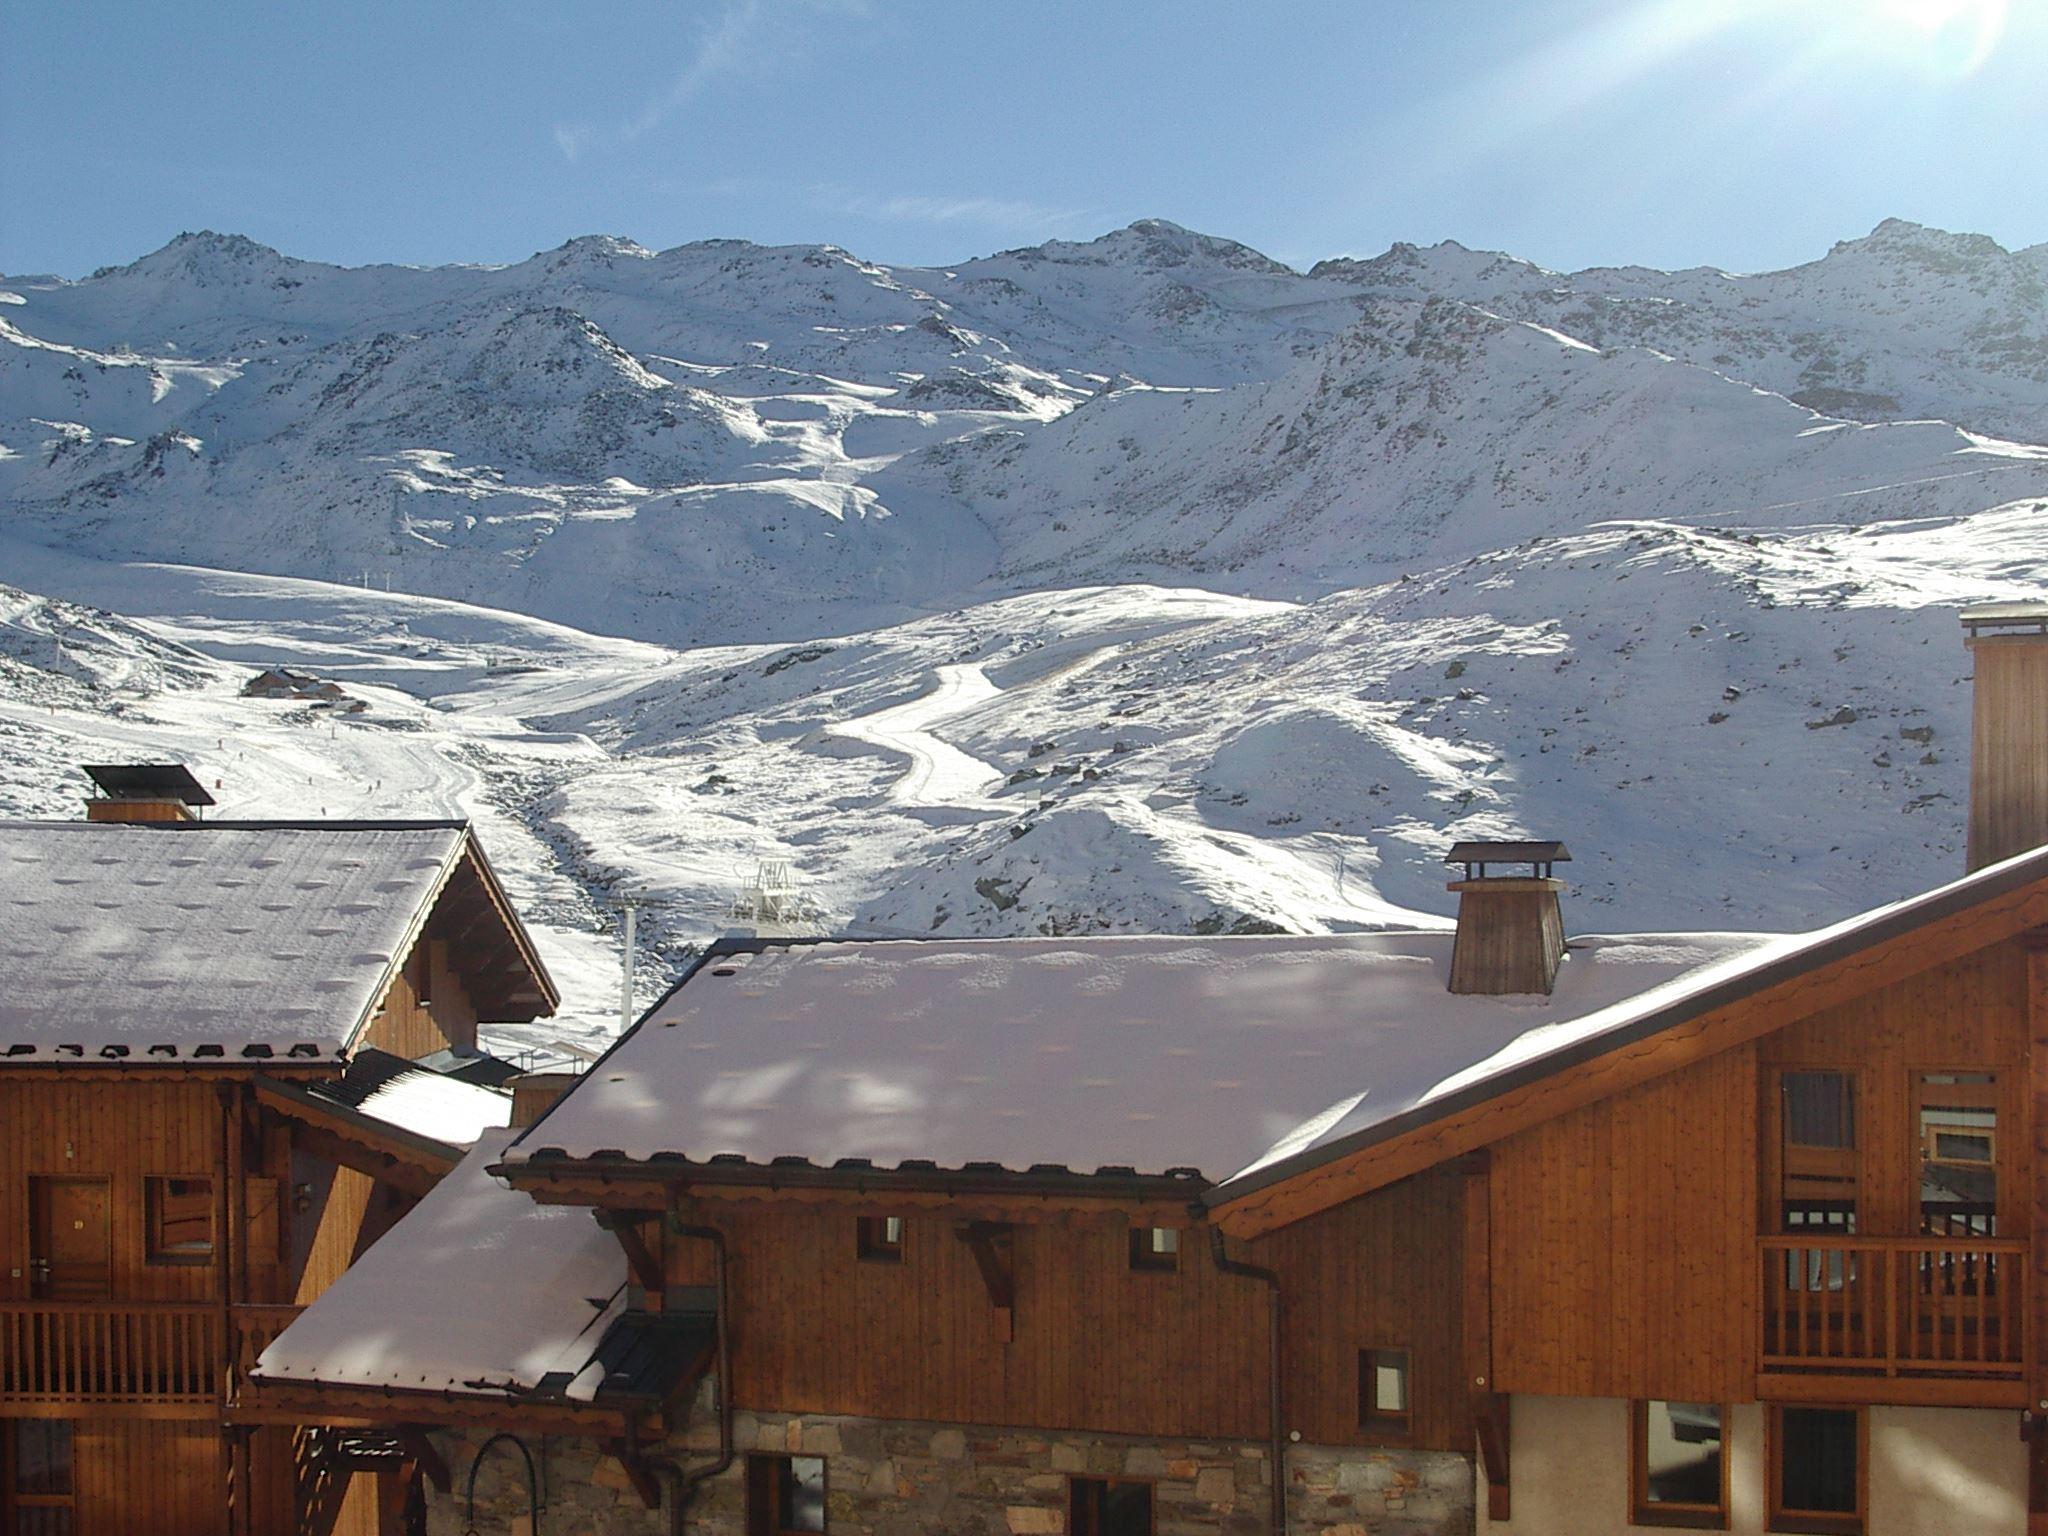 Lauzières 207 > Studio + Cabin - 3 Persons - 3 Gold Snowflakes (MCI)